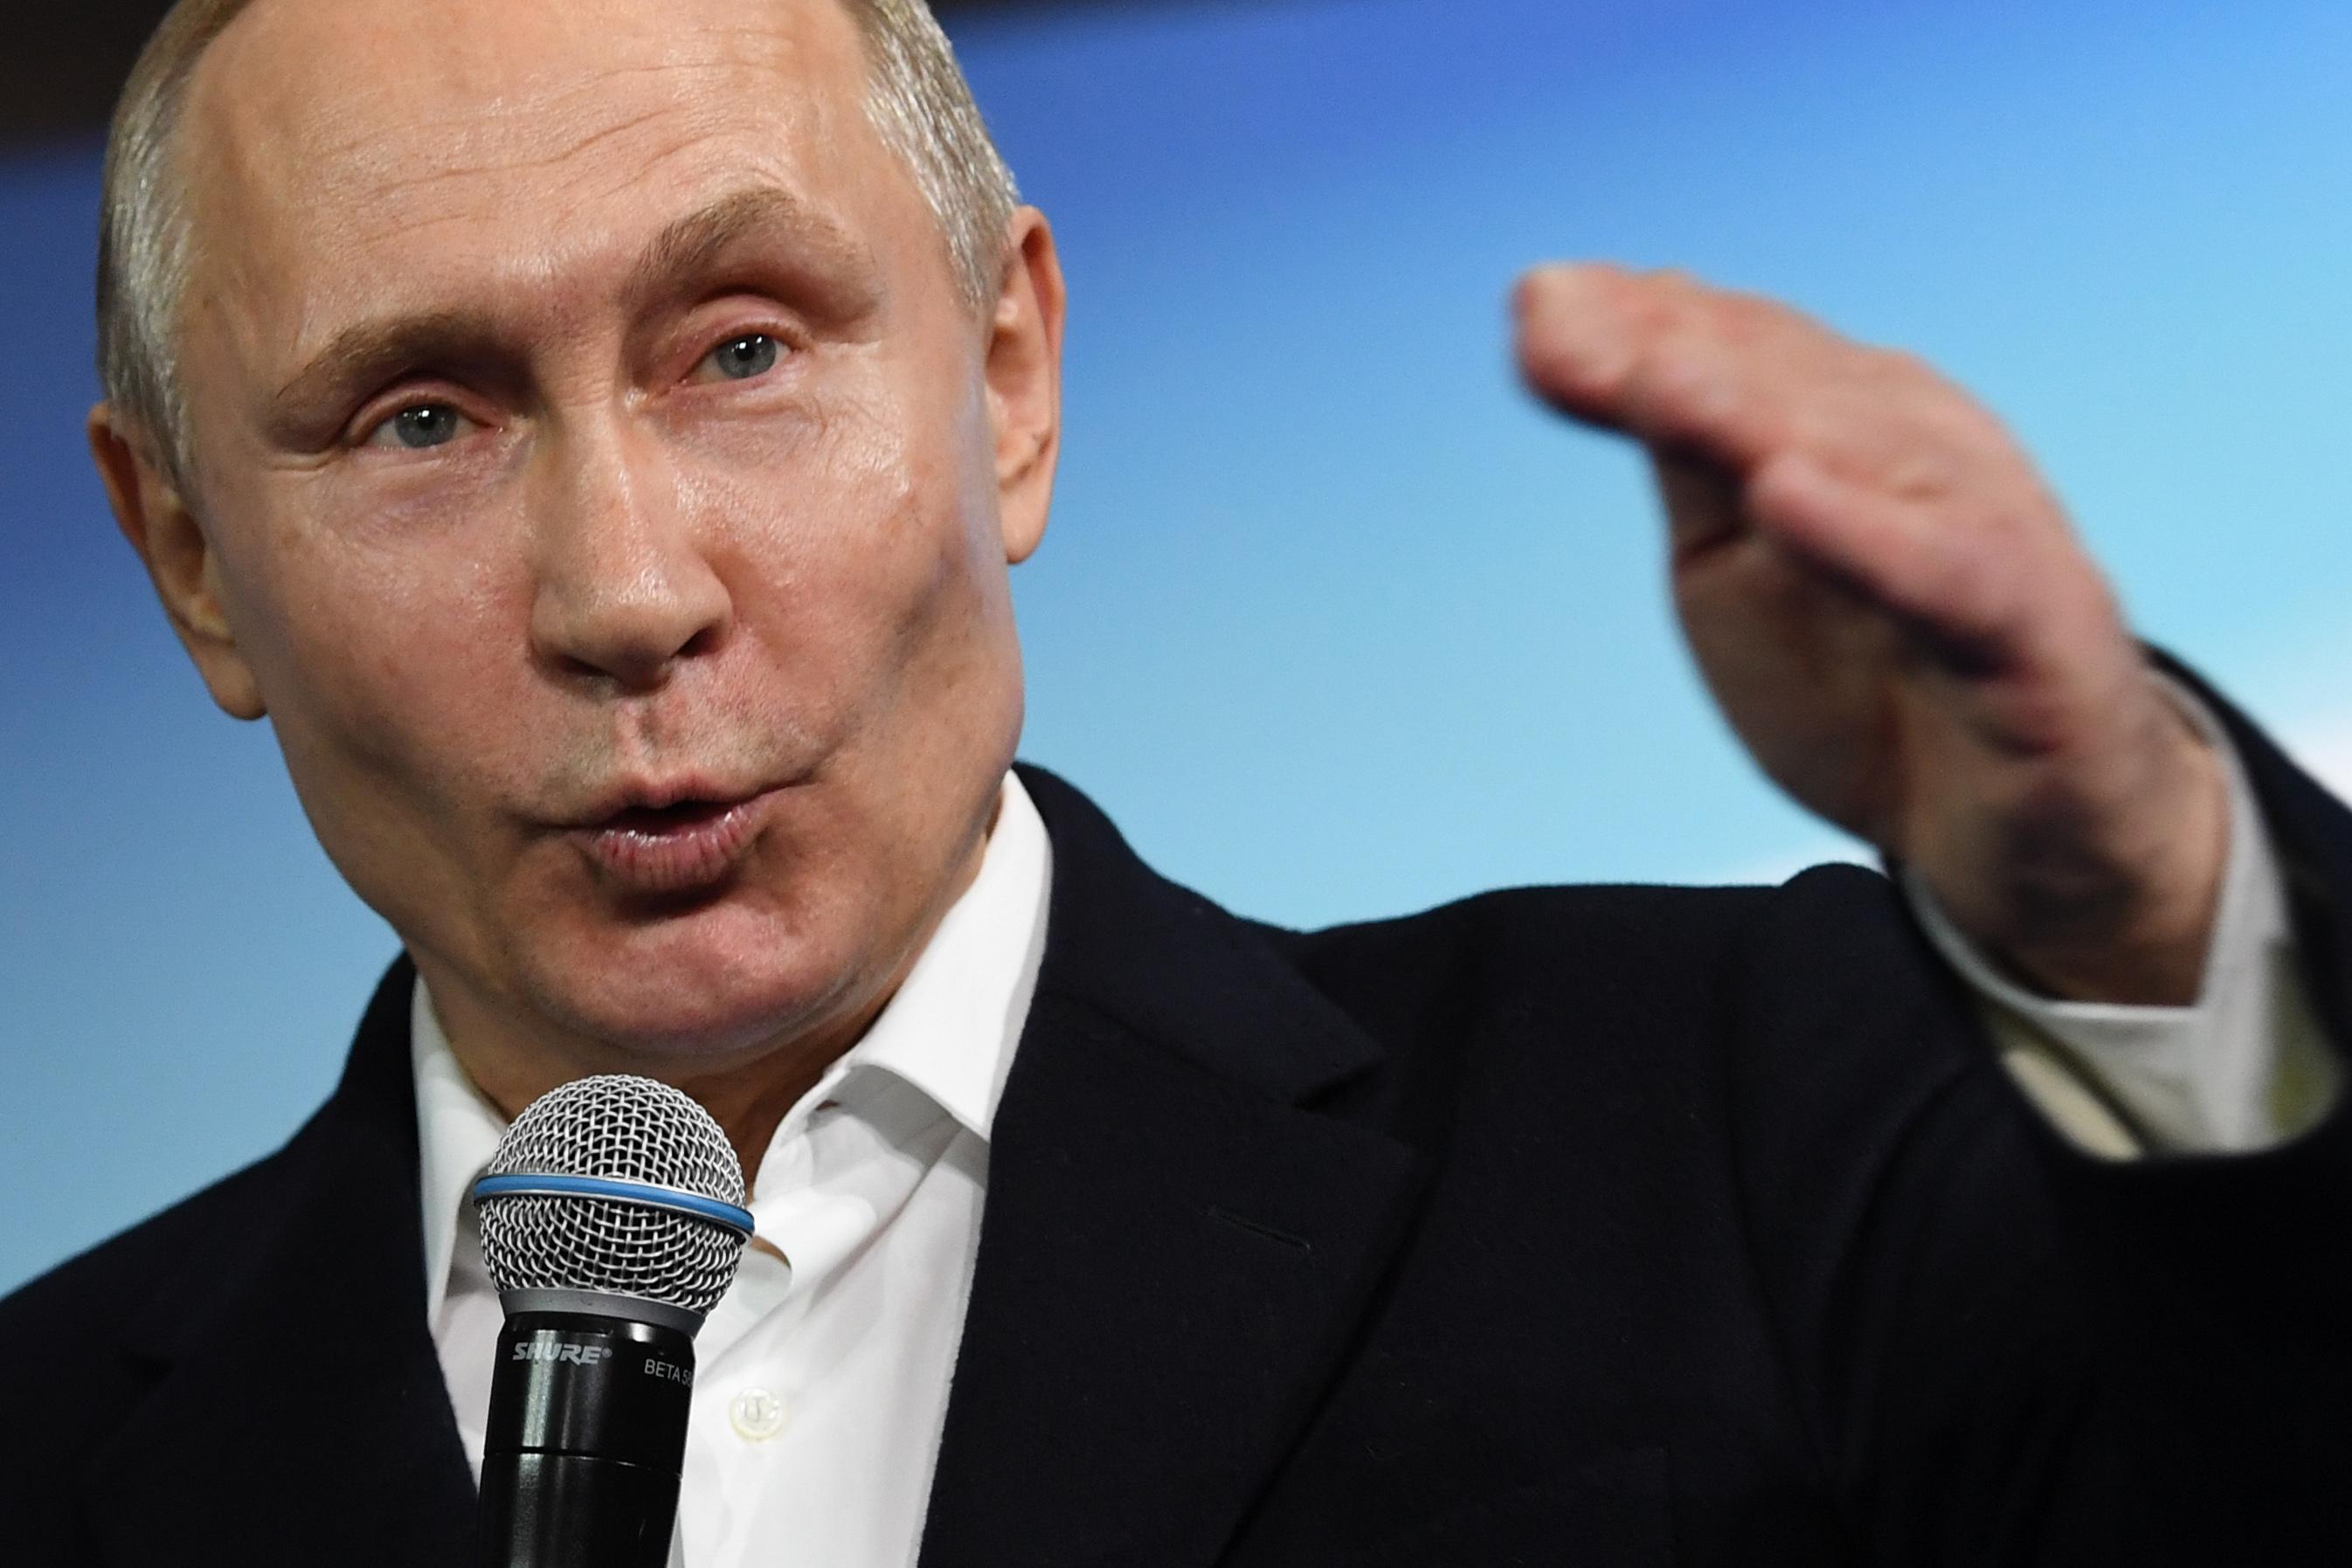 A német kémfőnök szerint az oroszok megpróbálták megtámadni az ország energetikai hálózatát